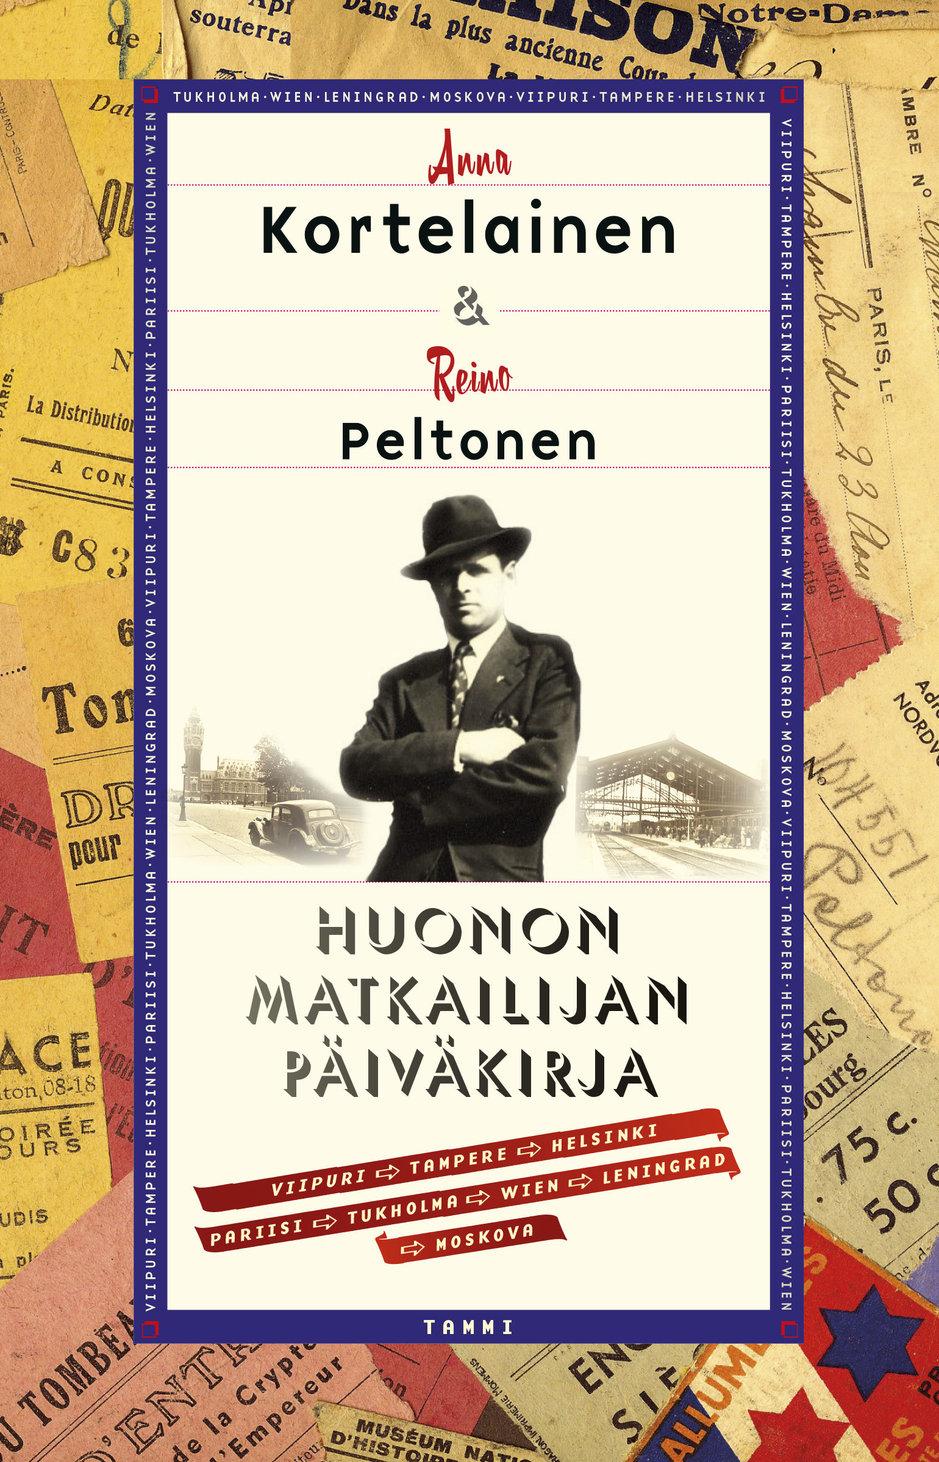 Reino Peltosen jättämästä perinnöstä on tyttärentytär Anna Kortelainen poiminut parhaat hedelmät kokoelmaan Huonon matkailijan päiväkirja.